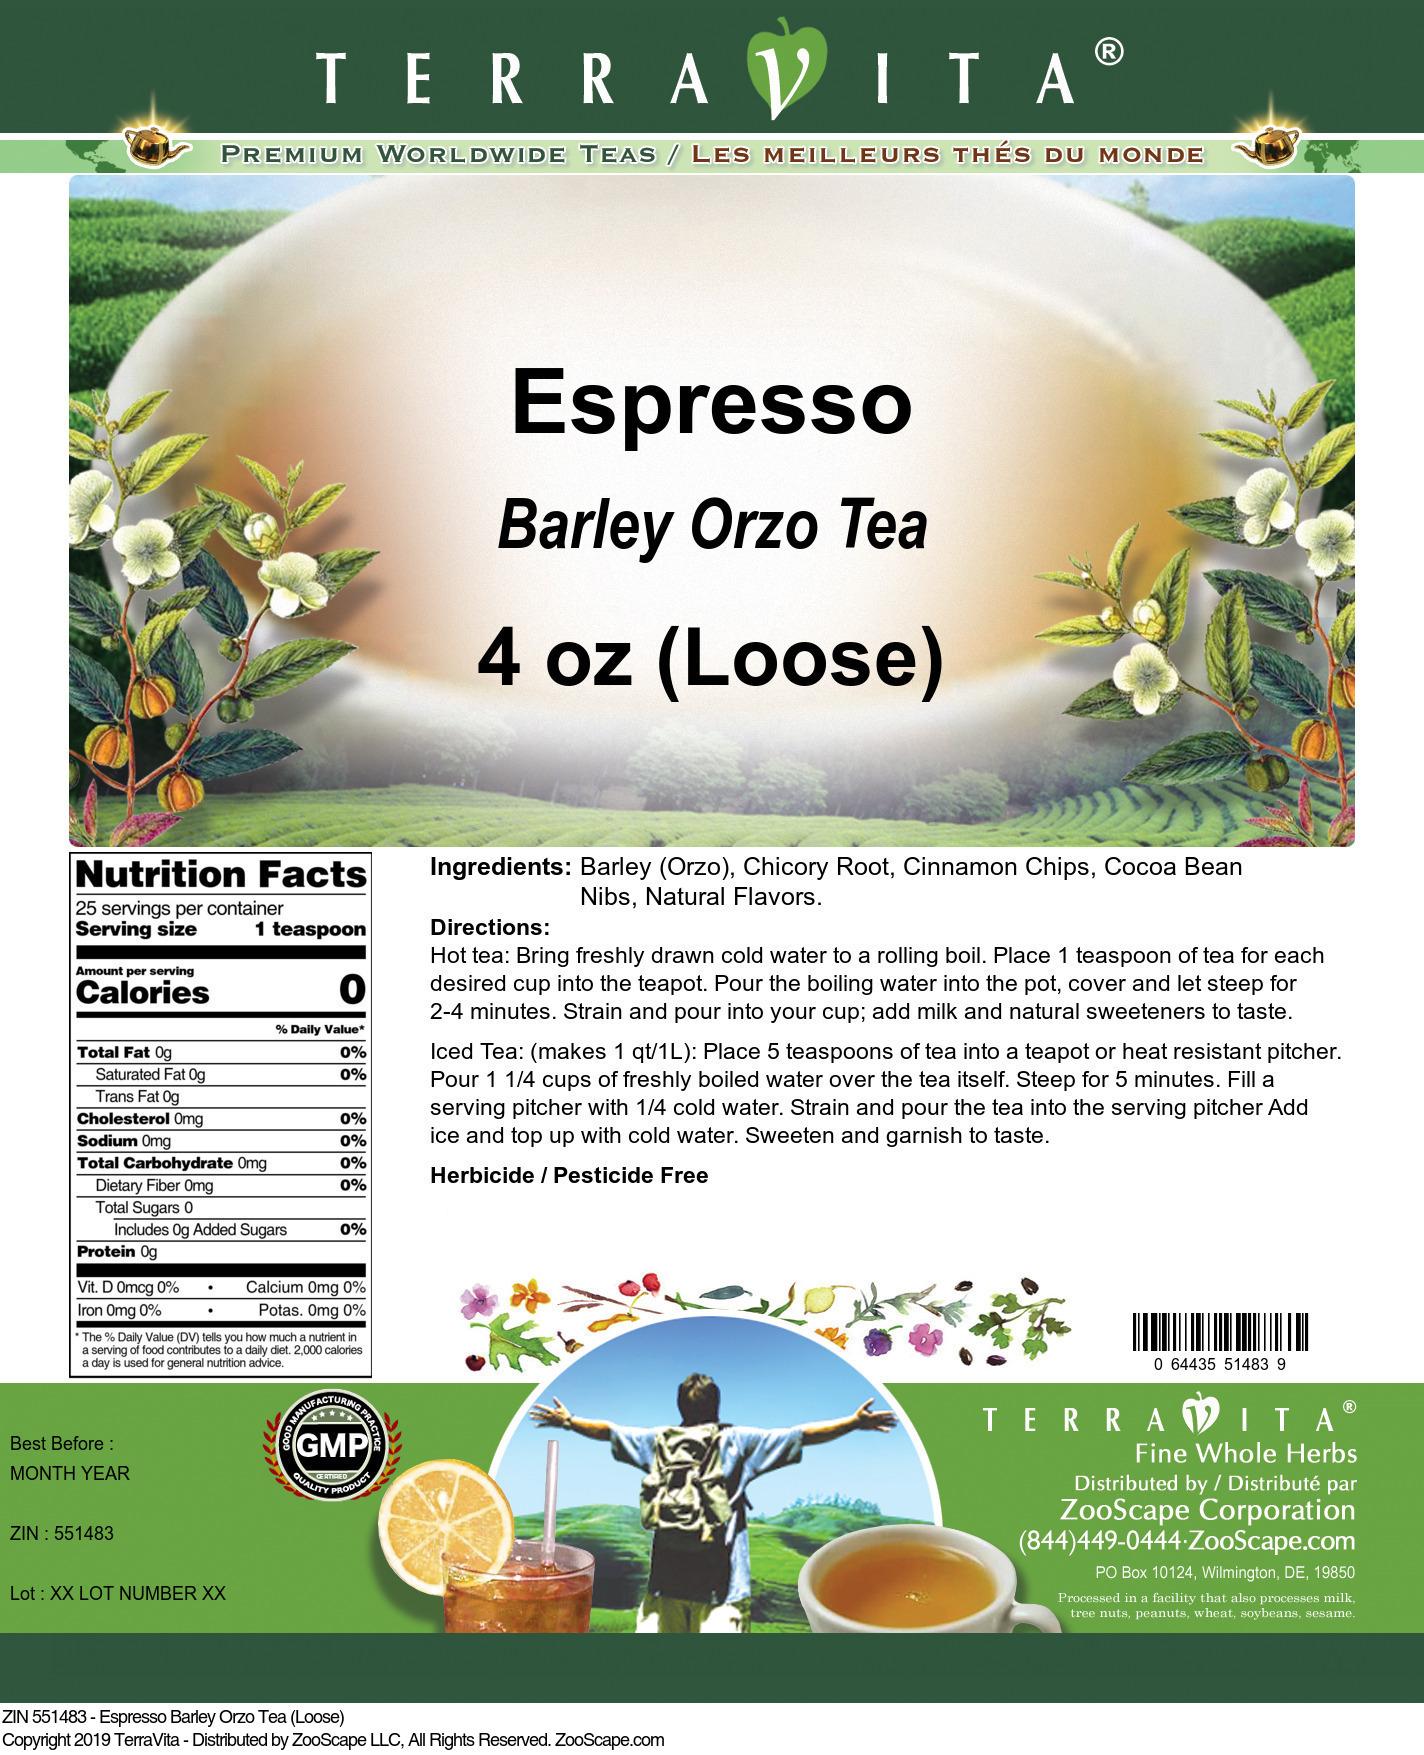 Espresso Barley Orzo Tea (Loose)